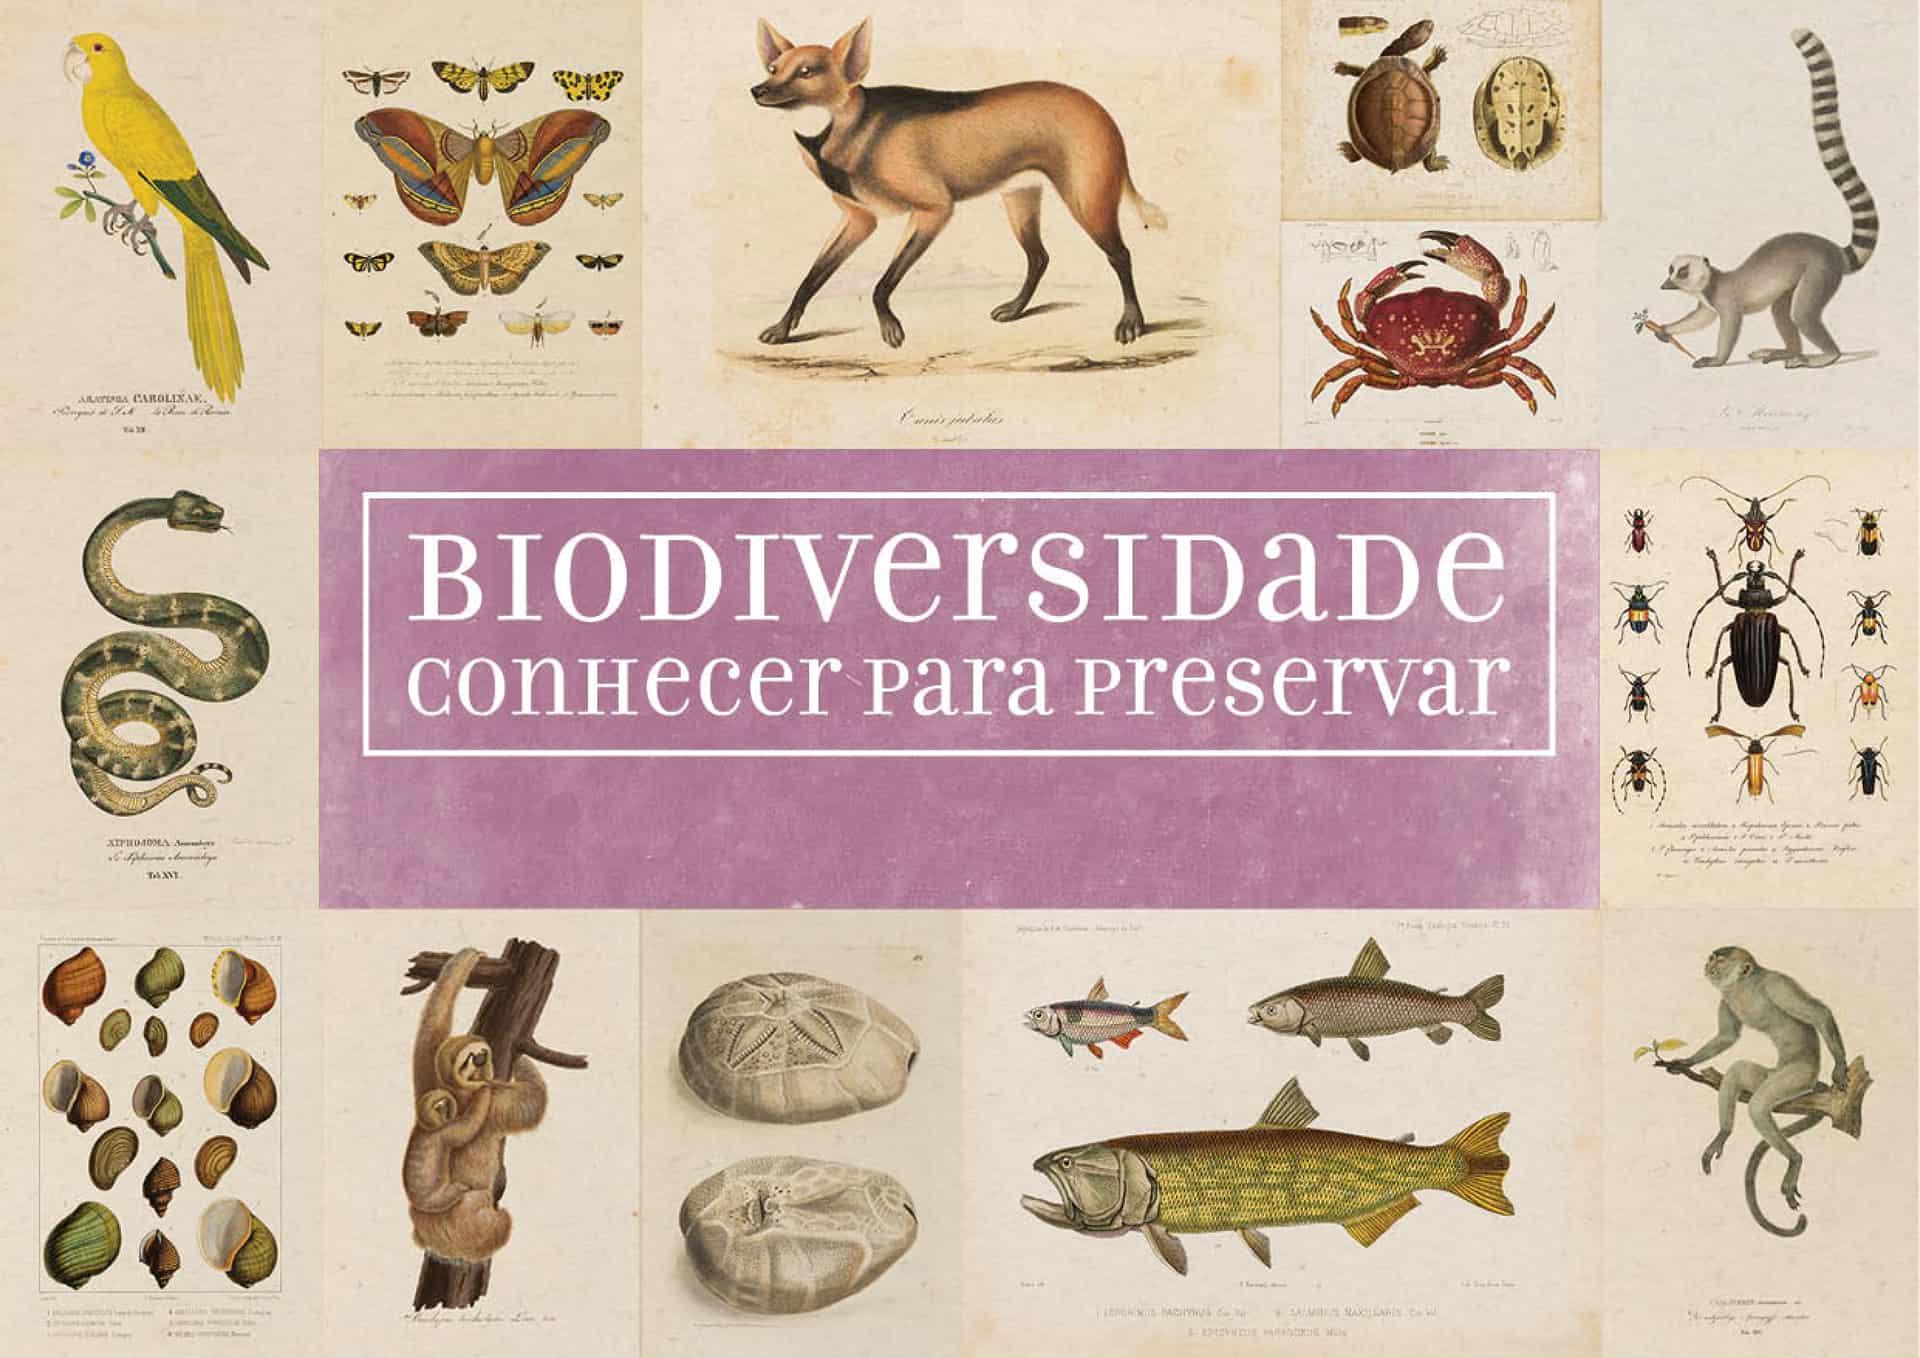 Biodiversidade: conhecer para preservar